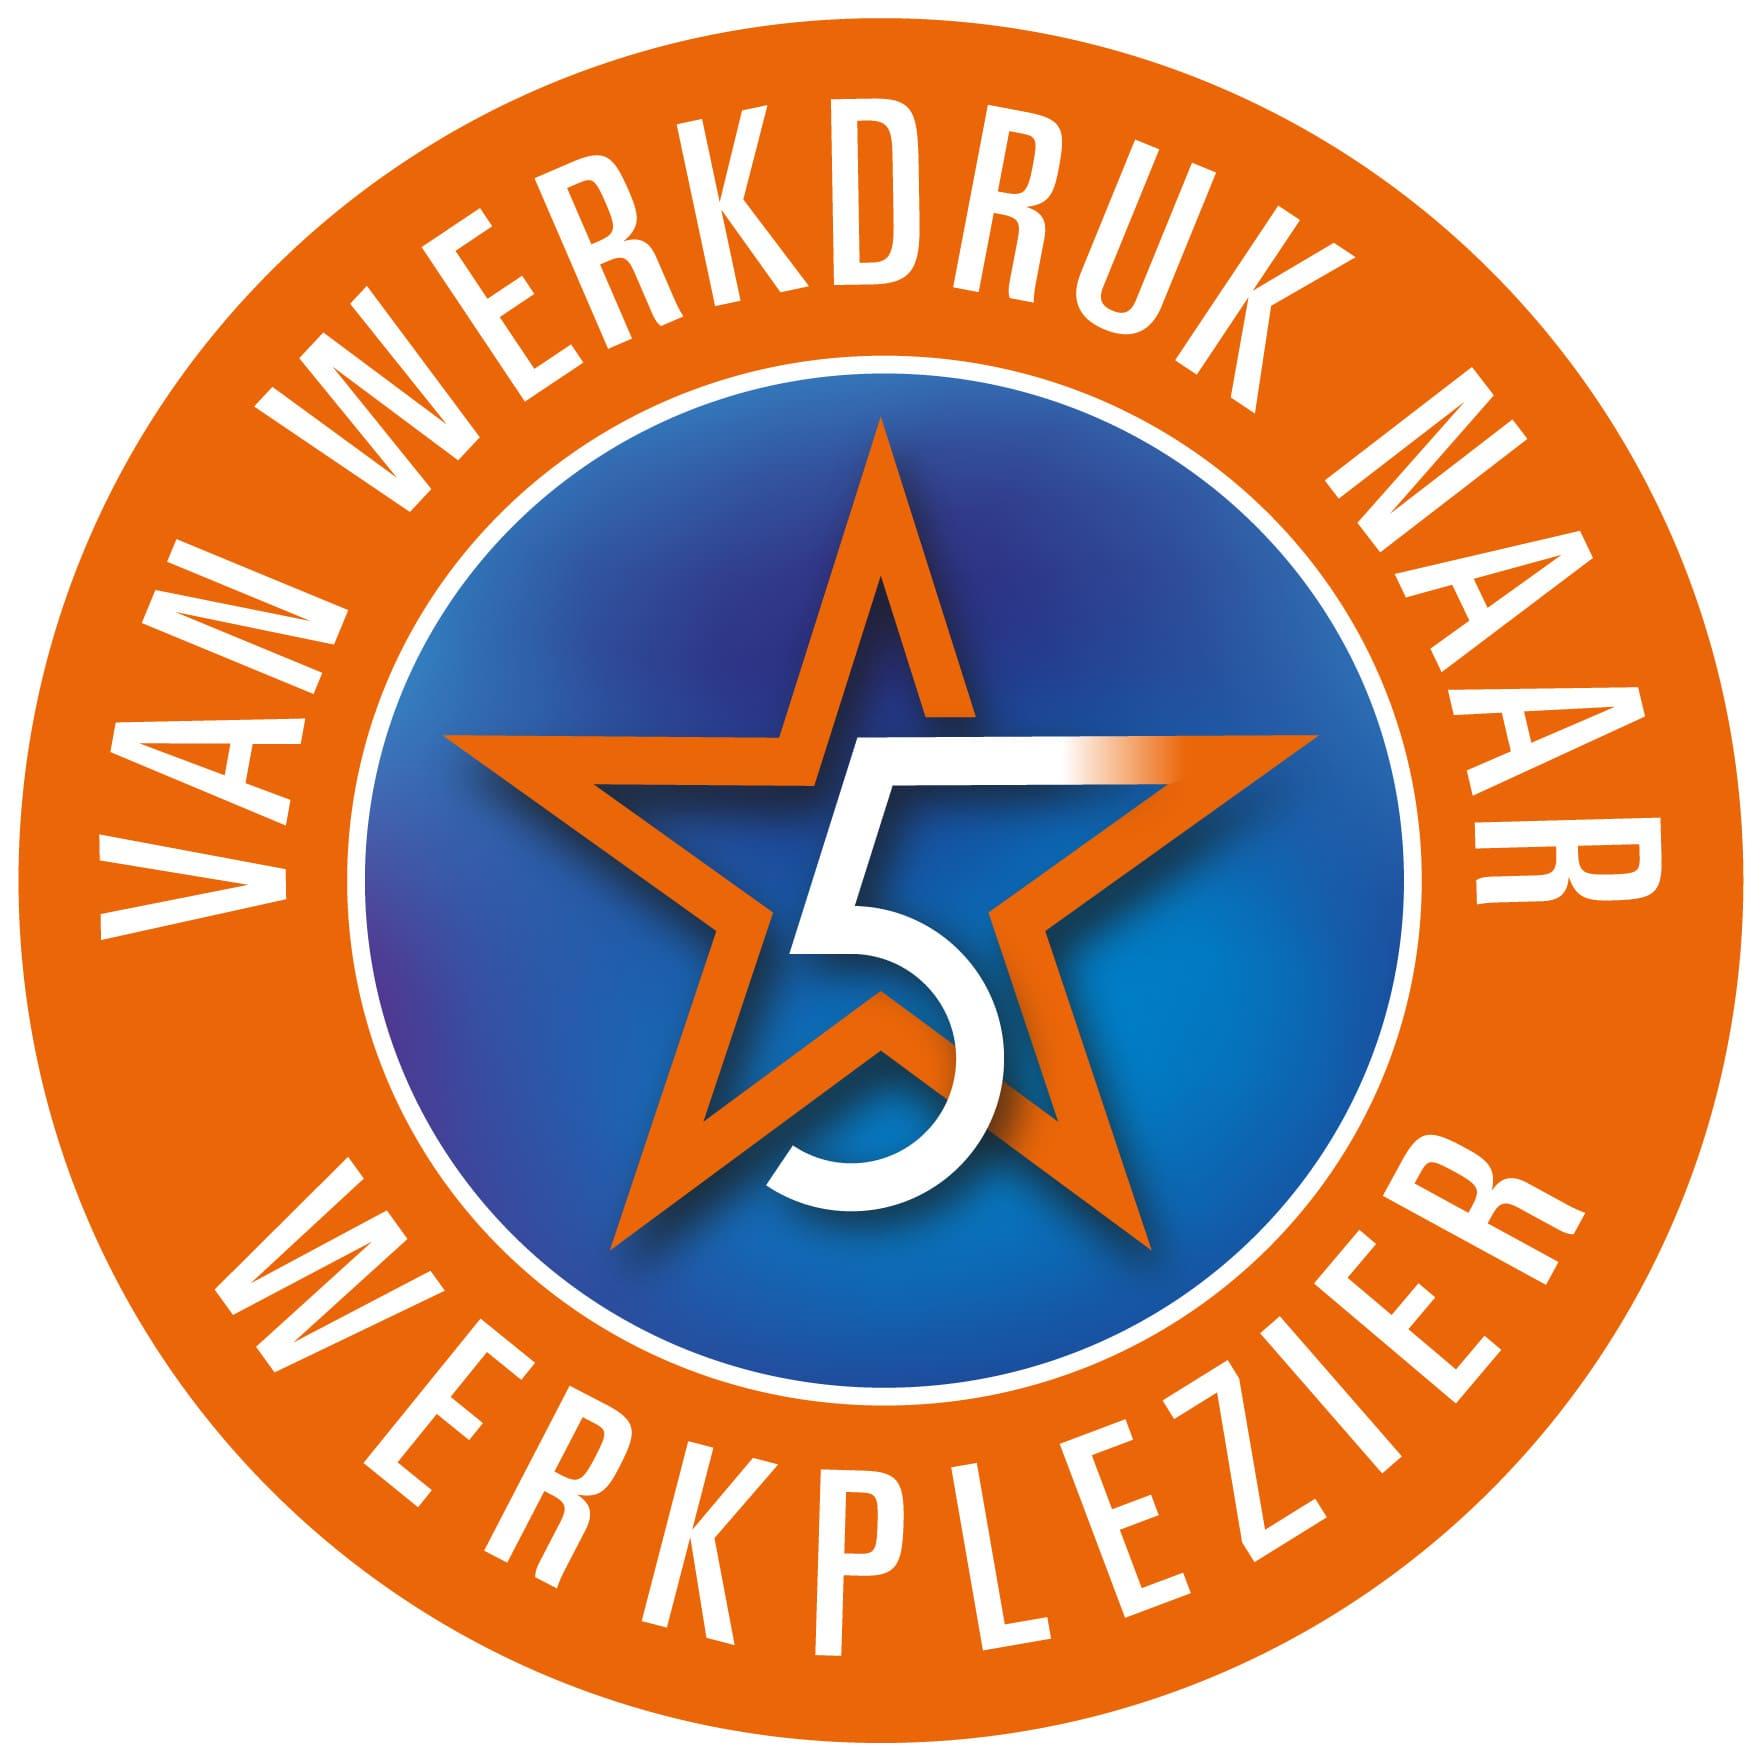 5sterrenwerkplezier.nl